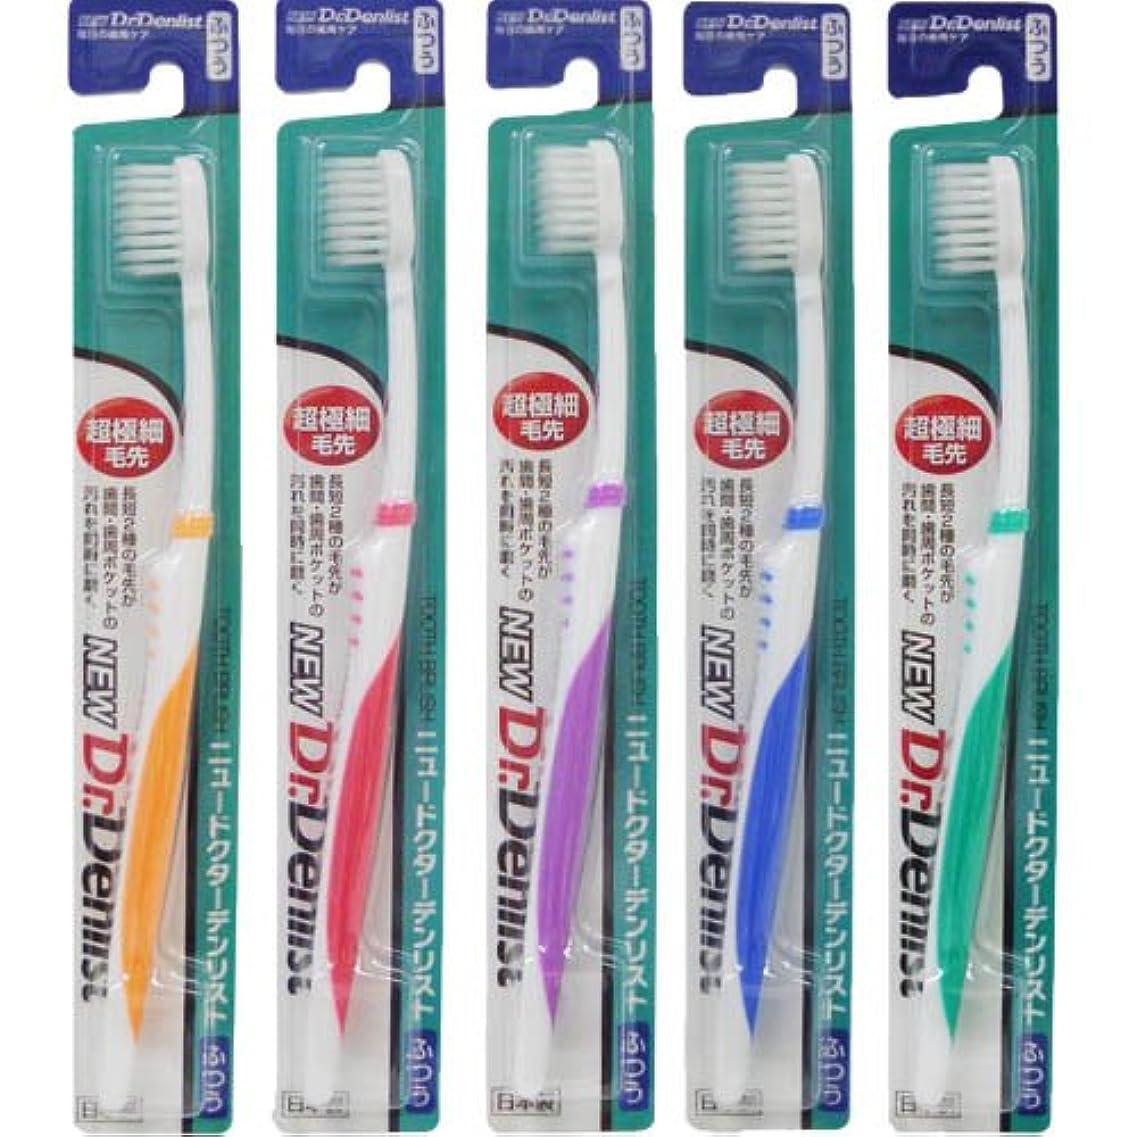 上向きあいさつ有効なNew Dr.Denlist 歯ブラシ 超極細毛先 ふつう 12本セット(クリエイト)